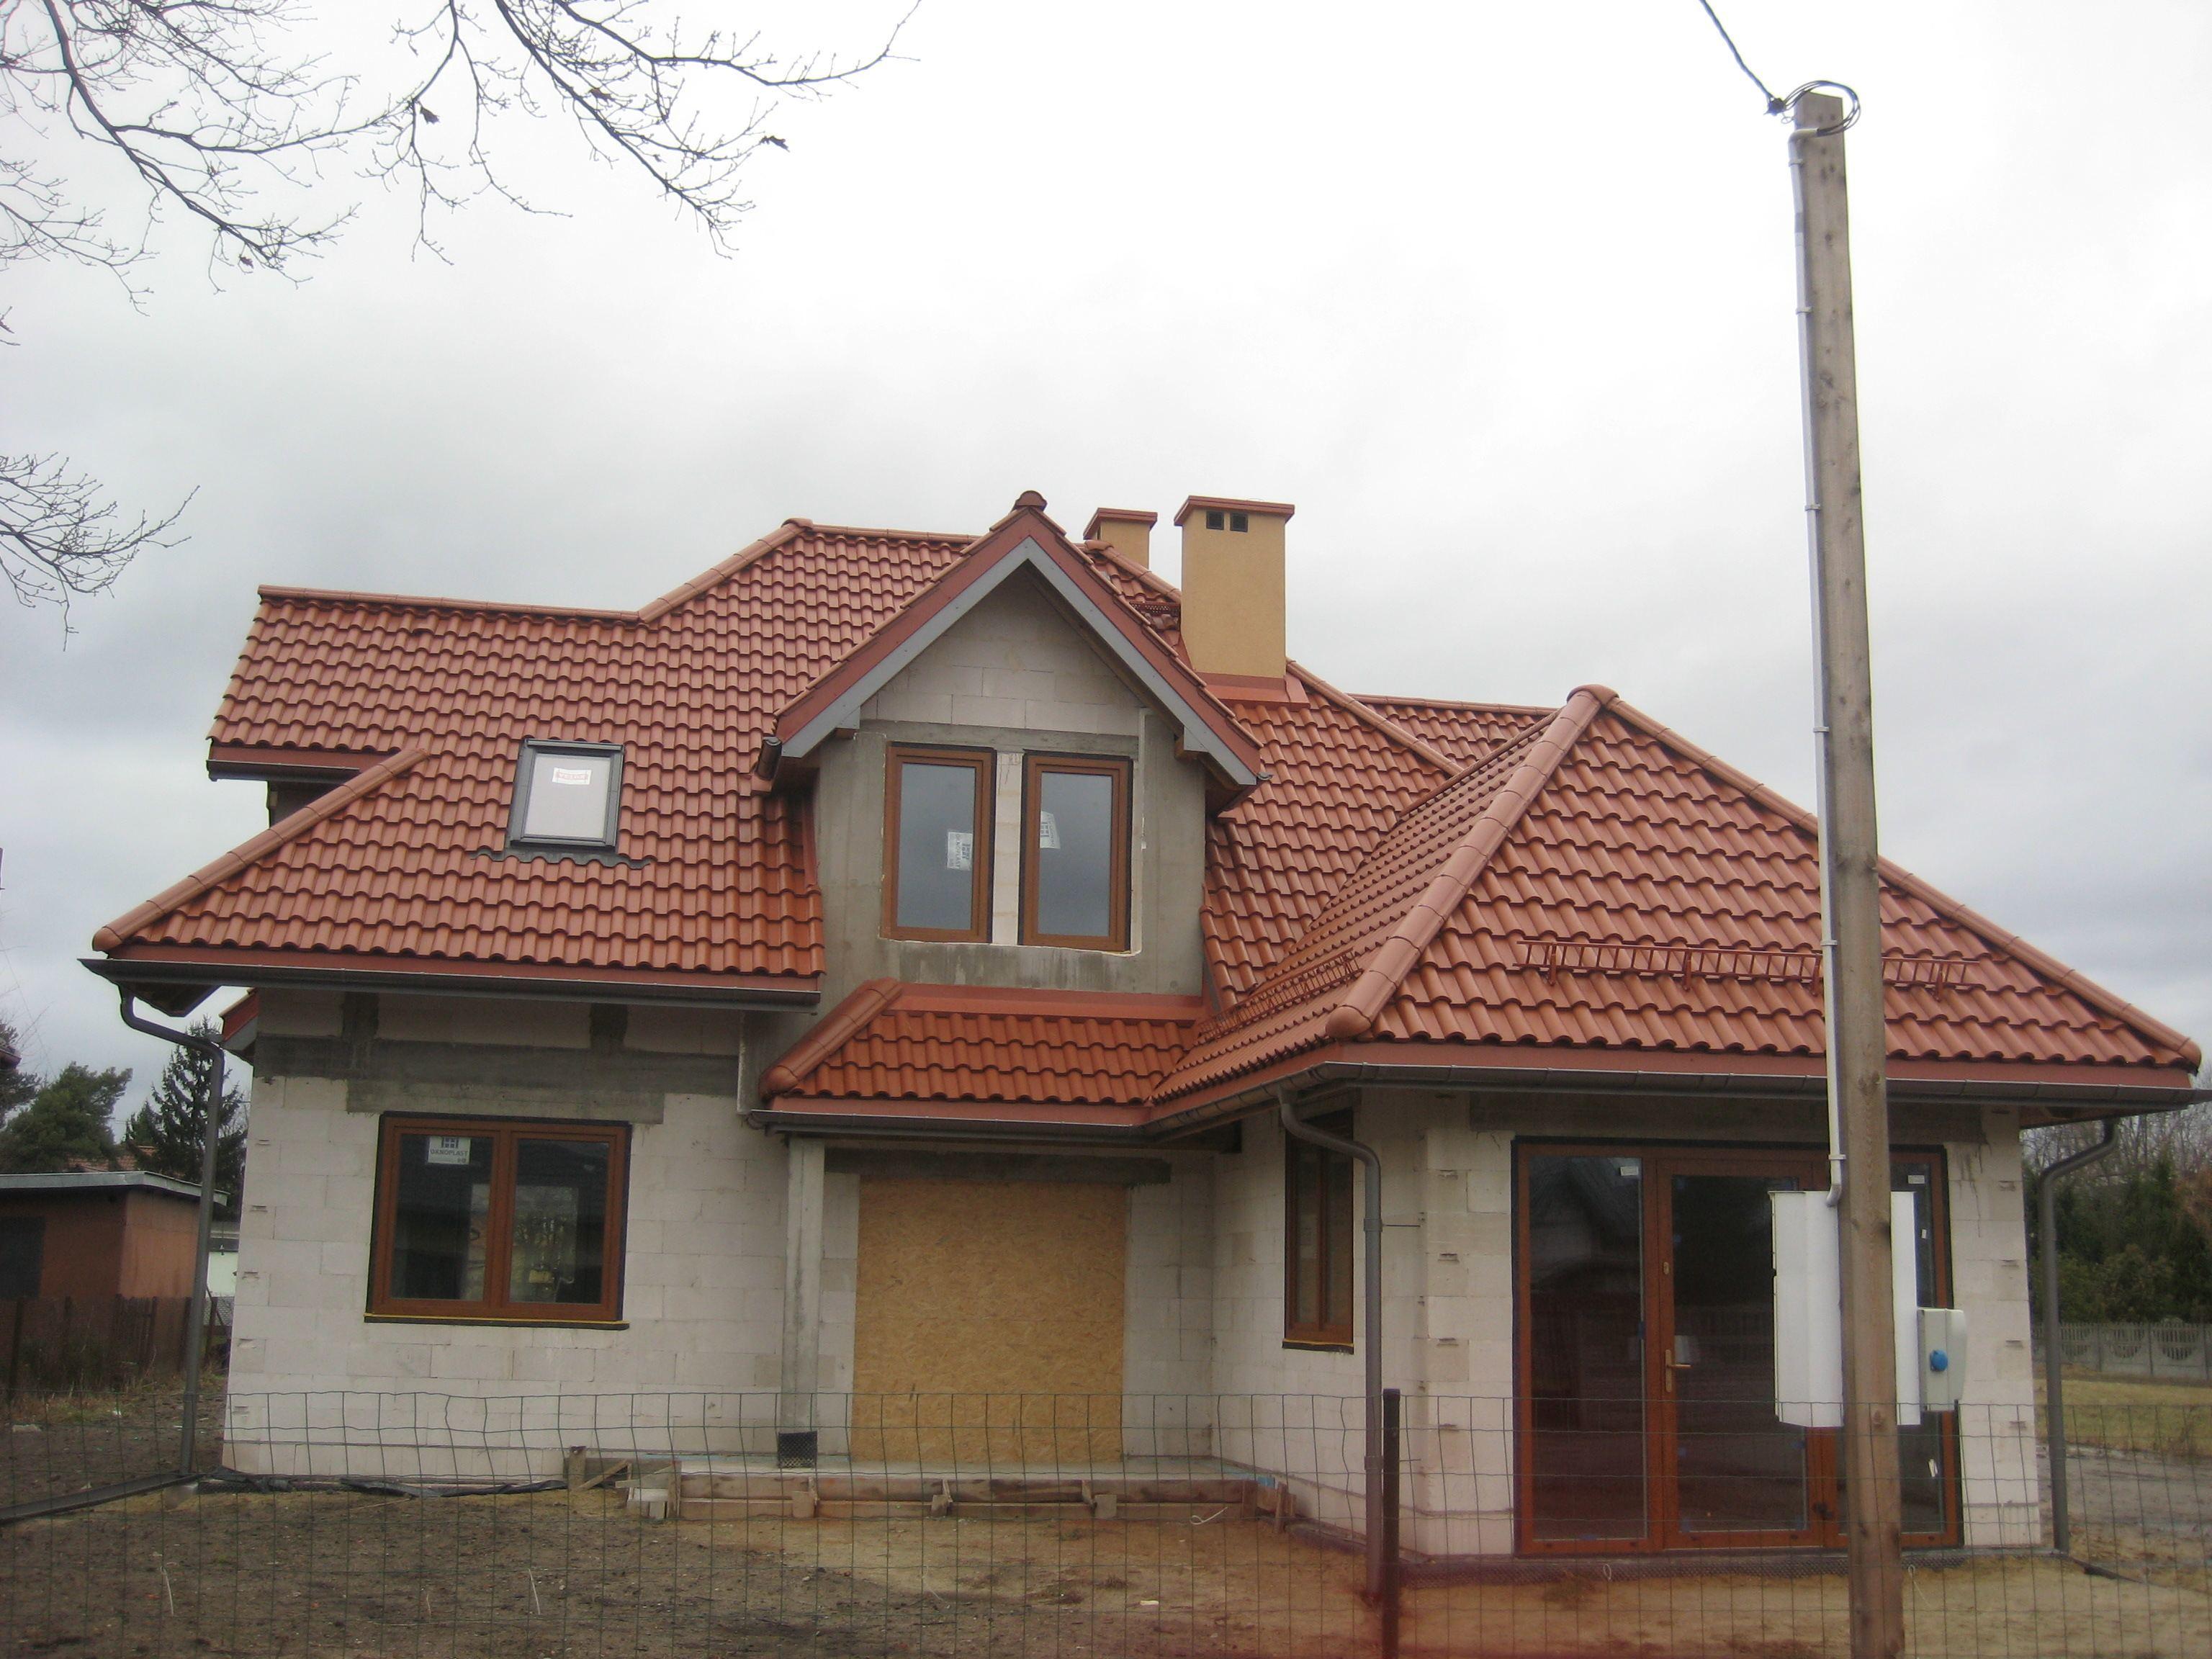 projekt-domu-klasyczny-fot-2-1452174837-j112_39x.jpg